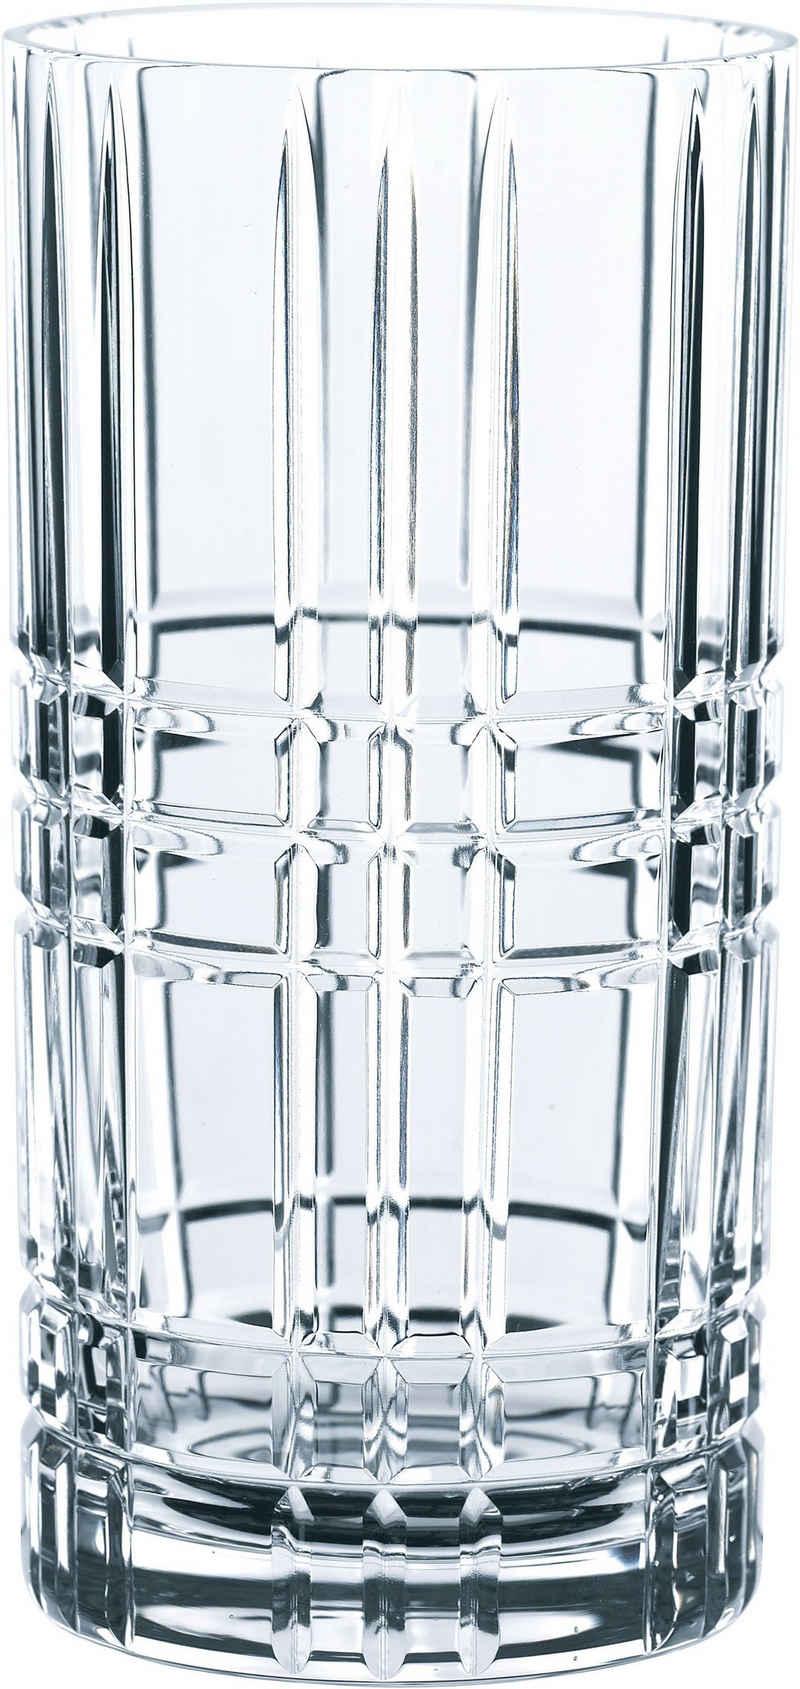 Nachtmann Longdrinkglas »Highland«, Kristallglas, 445 ml, 6-teilig